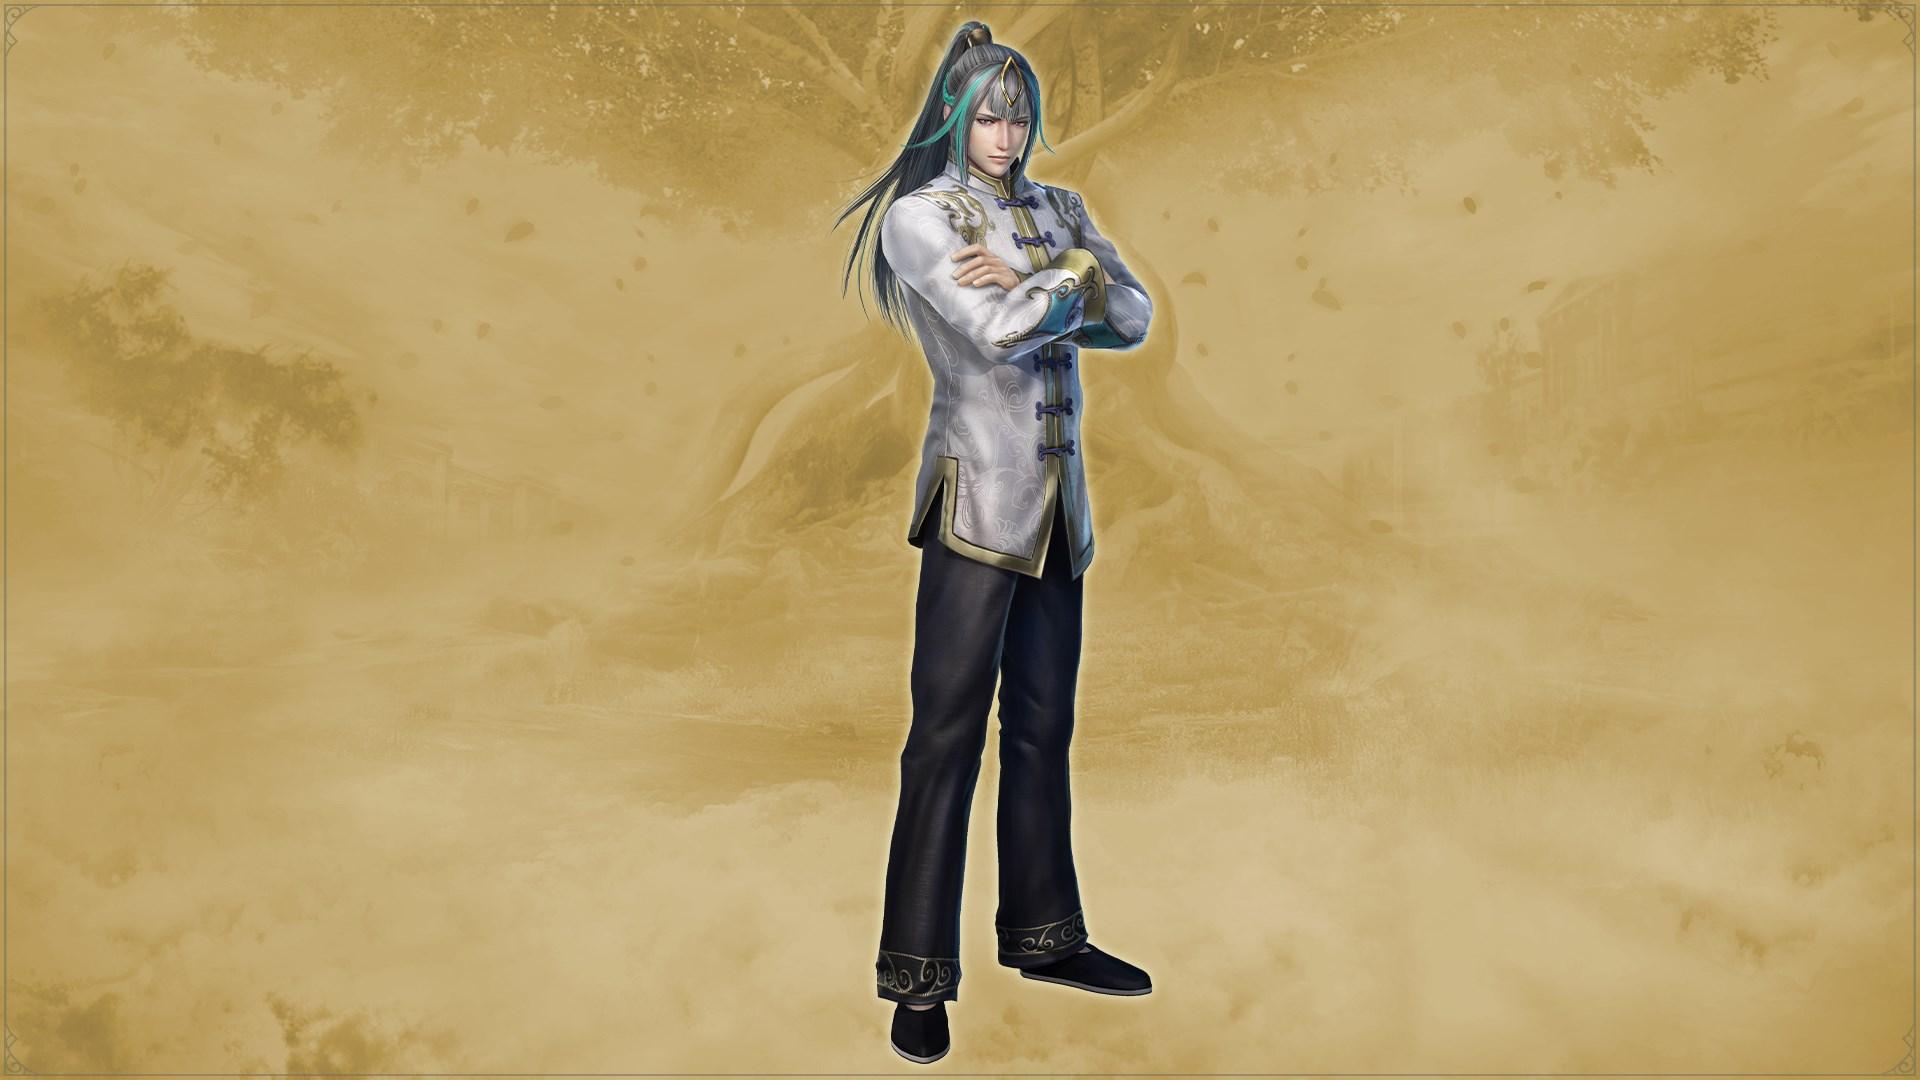 WO4U: Special Costume for Yang Jian